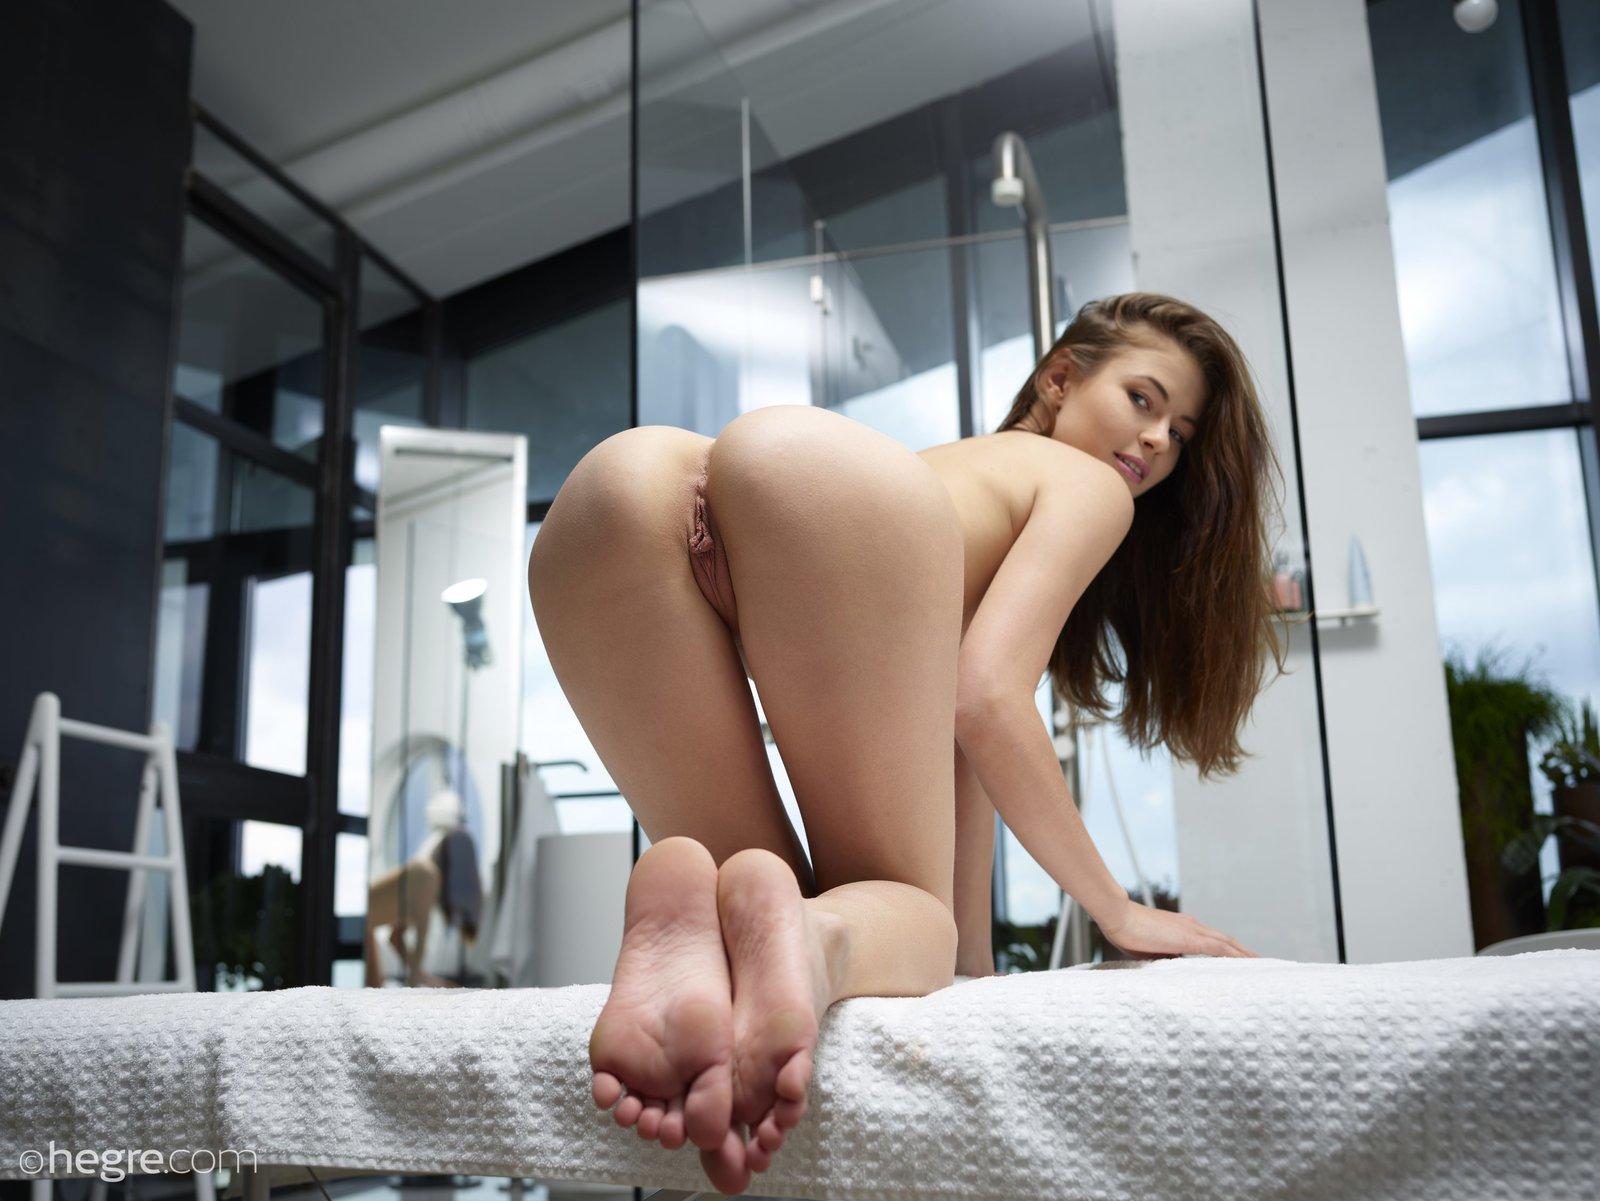 Zdjęcie porno - 1014 - Naga nastolatka